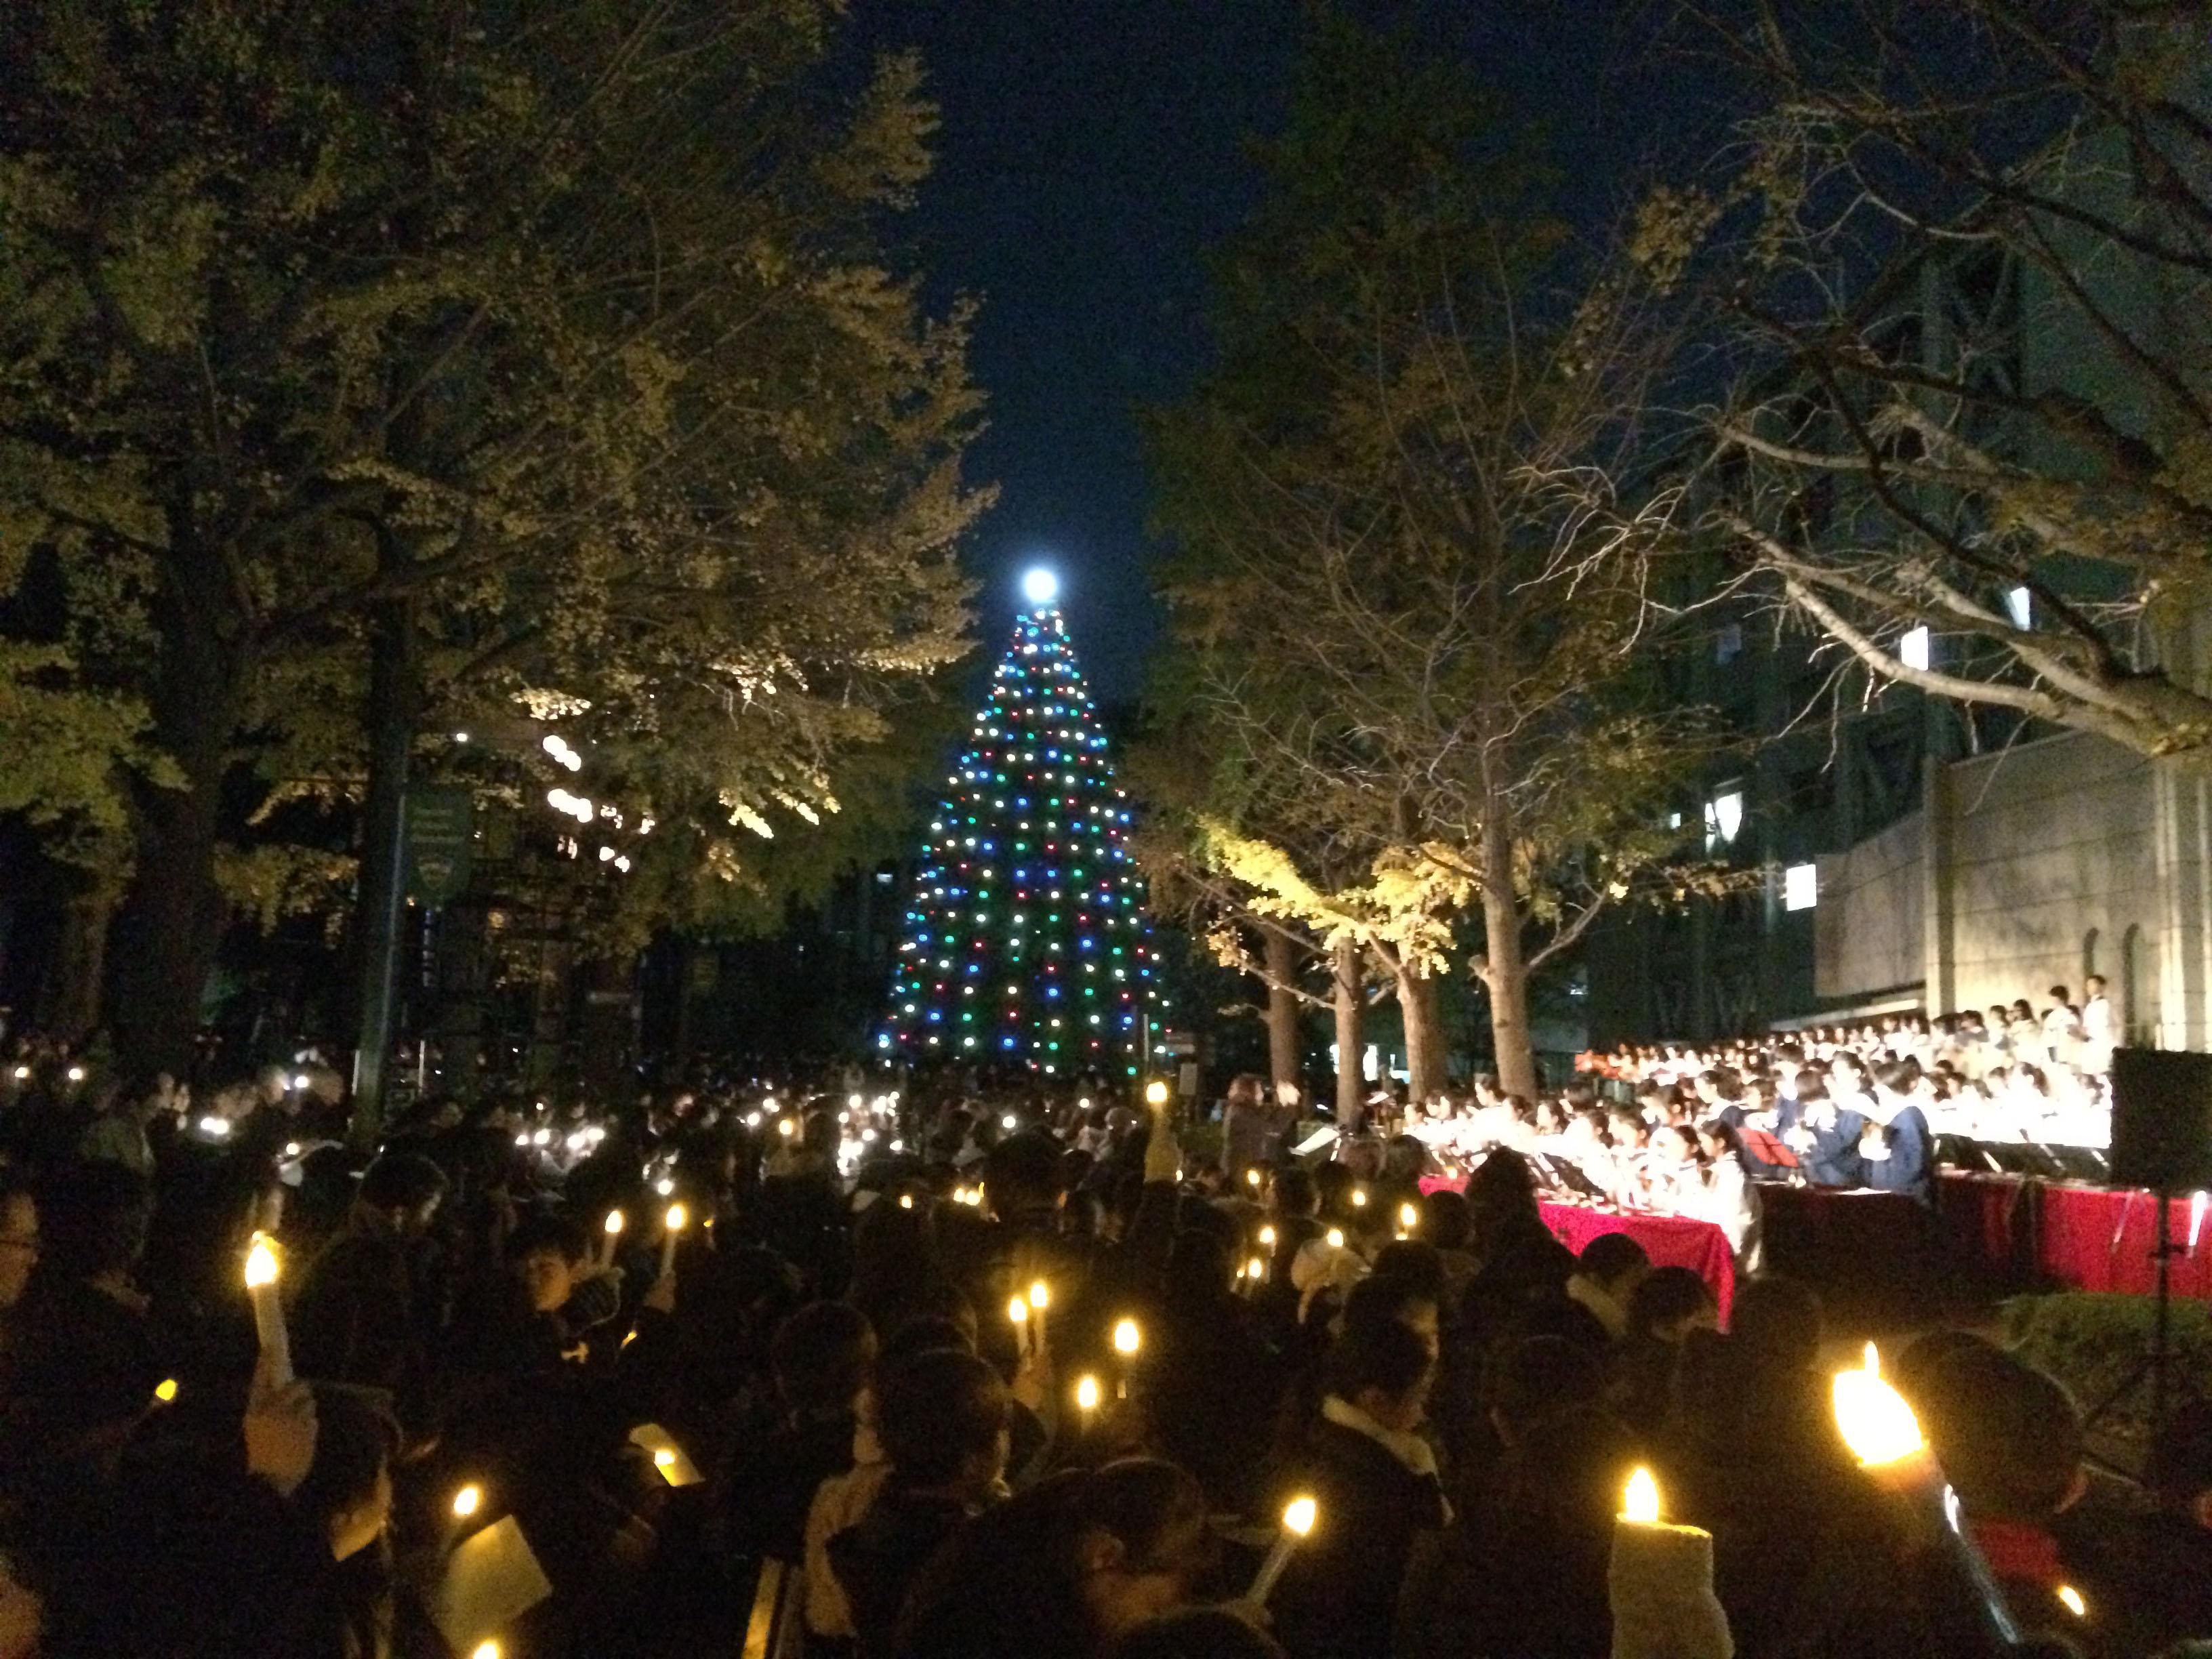 参加者たちが掲げる光とともに会場に喜びが広がった